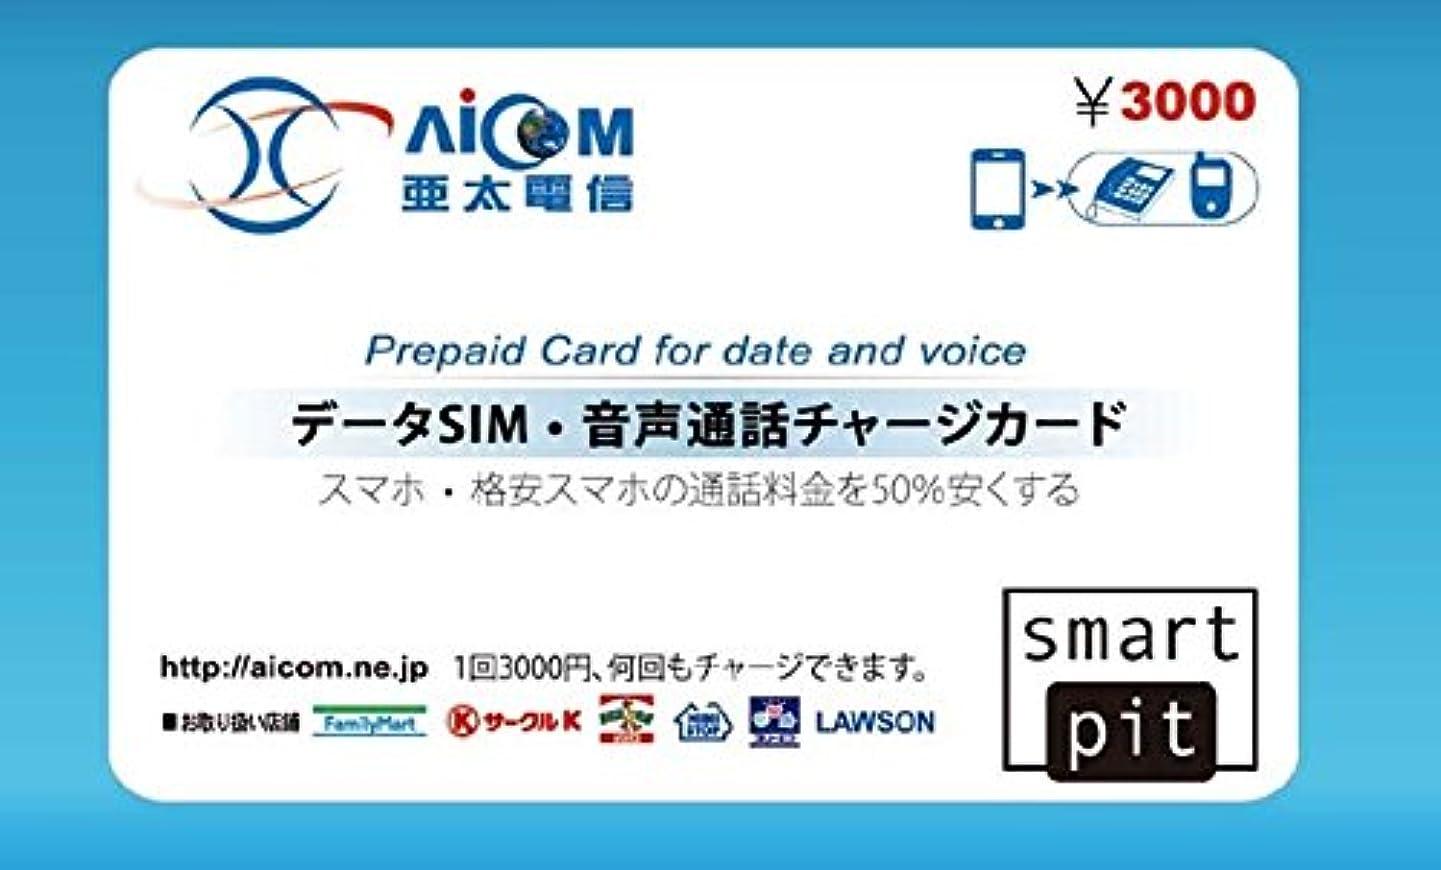 石炭巨大な大統領格安スマホの通話料金を半額にするプリペイドカード(1分20円税込)